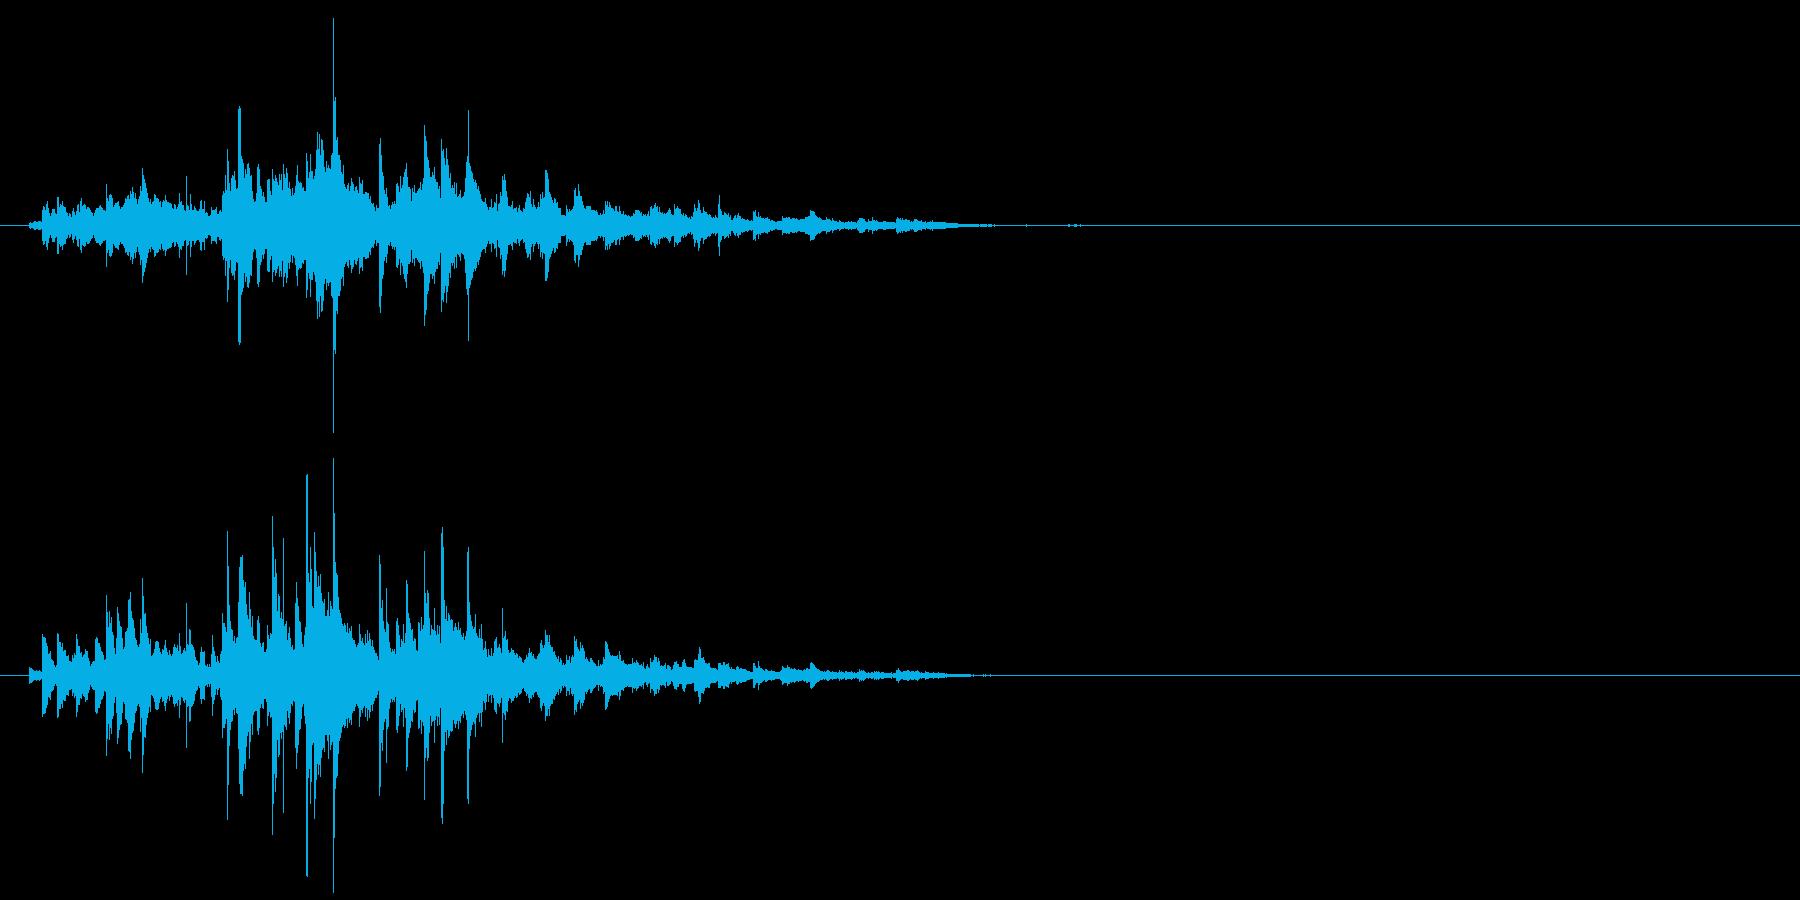 キラキラしたウィンドチャイムの音の再生済みの波形